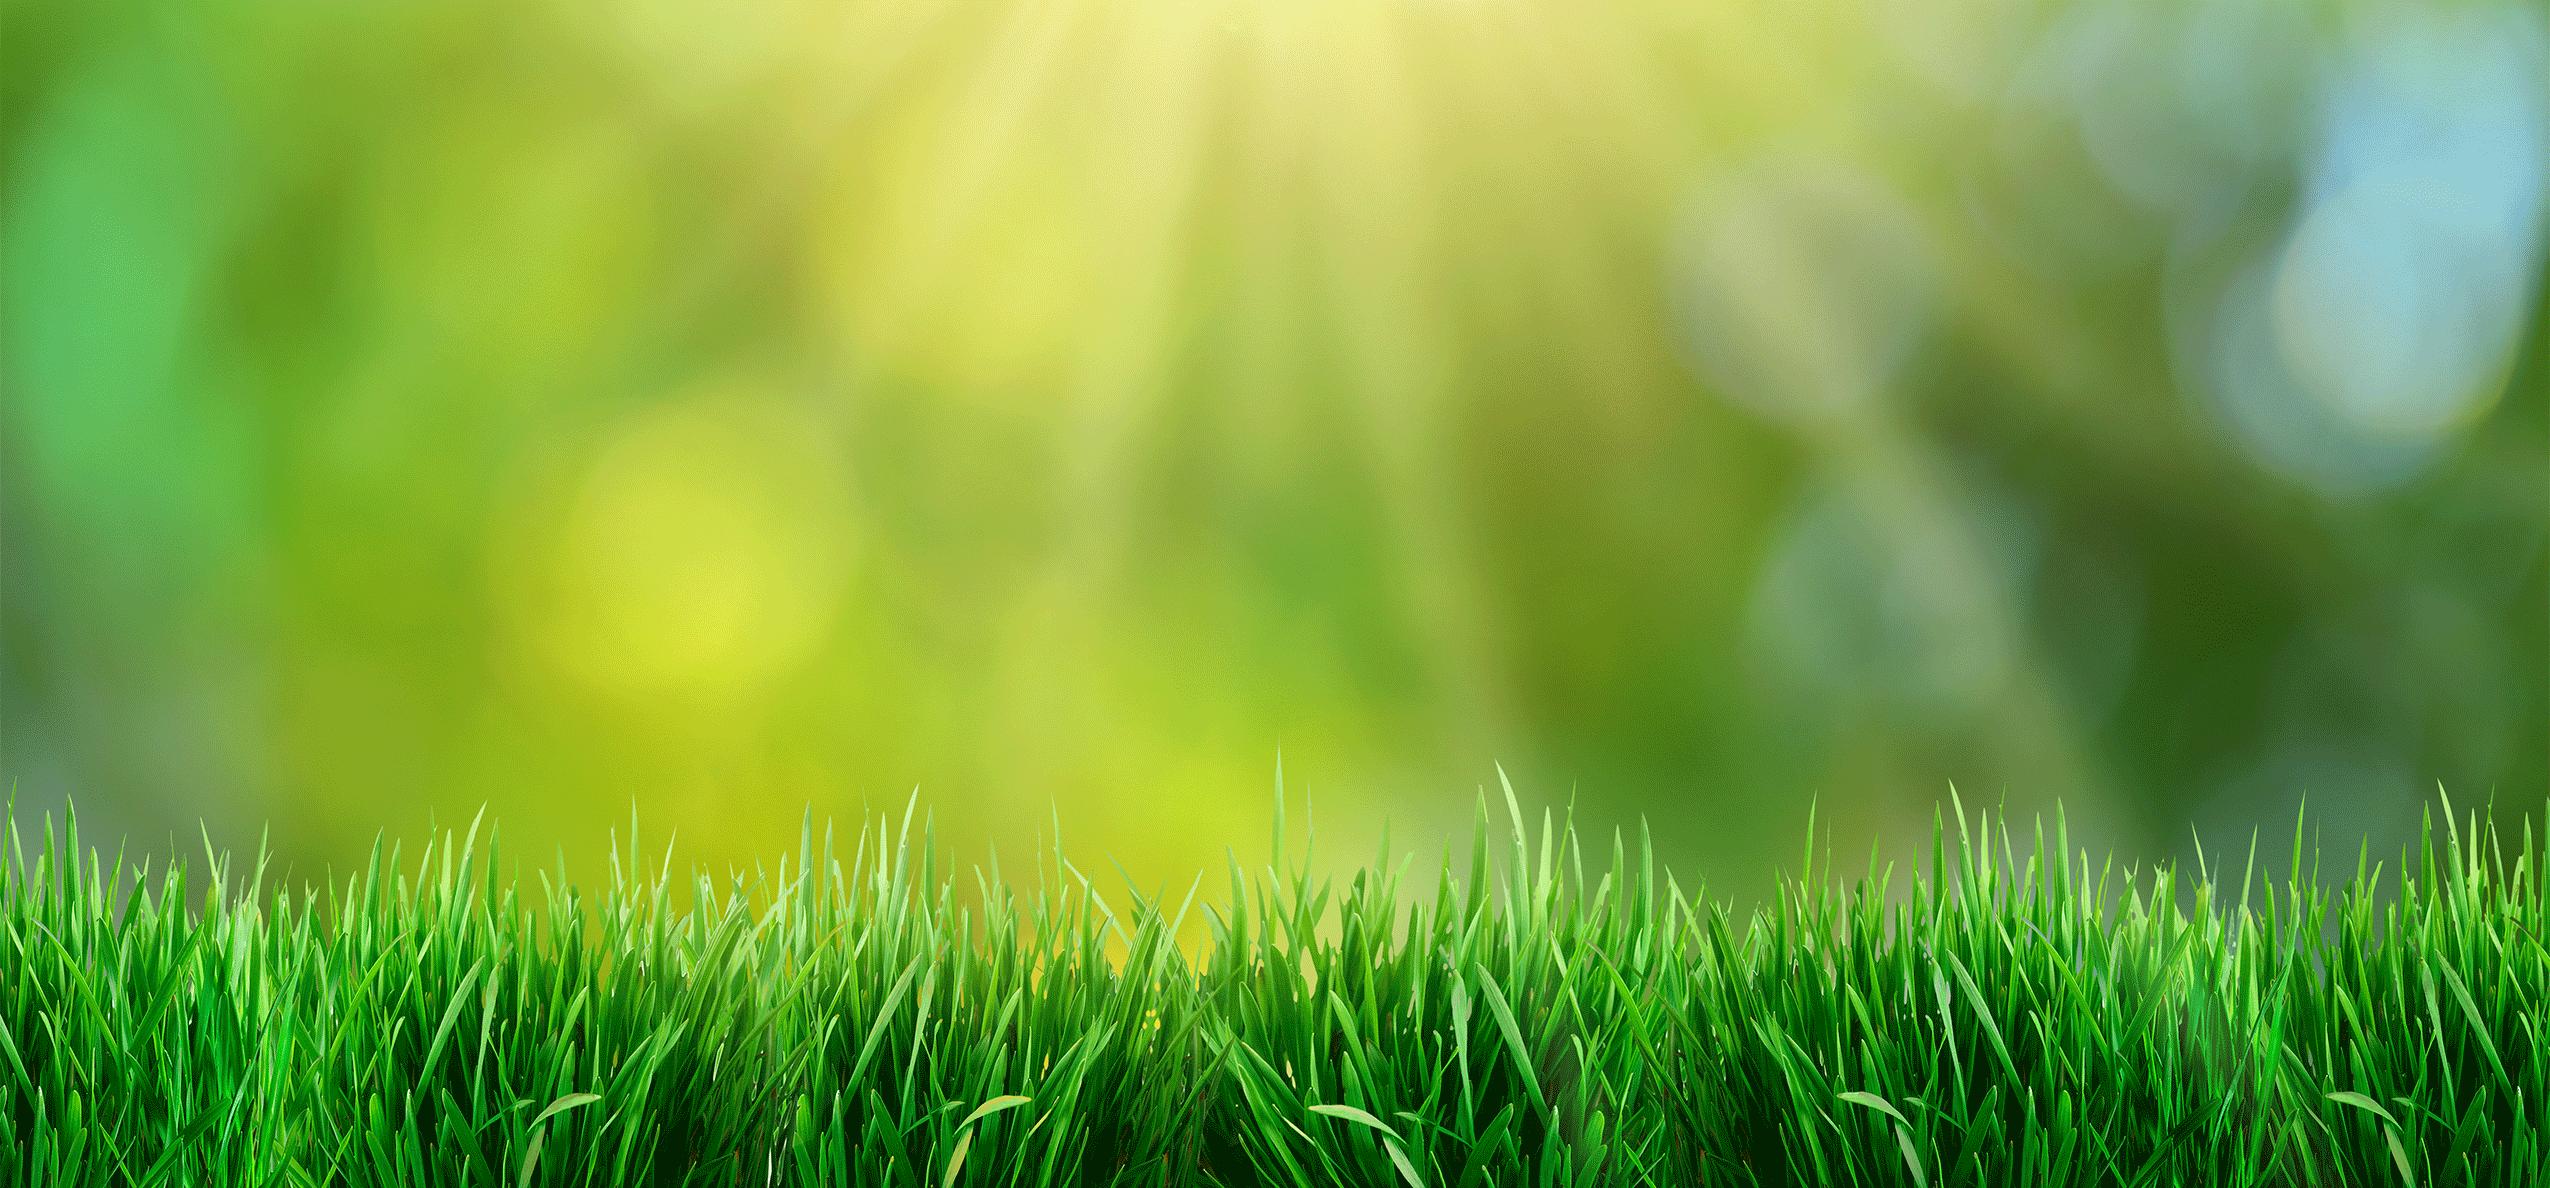 sunny turf in spring